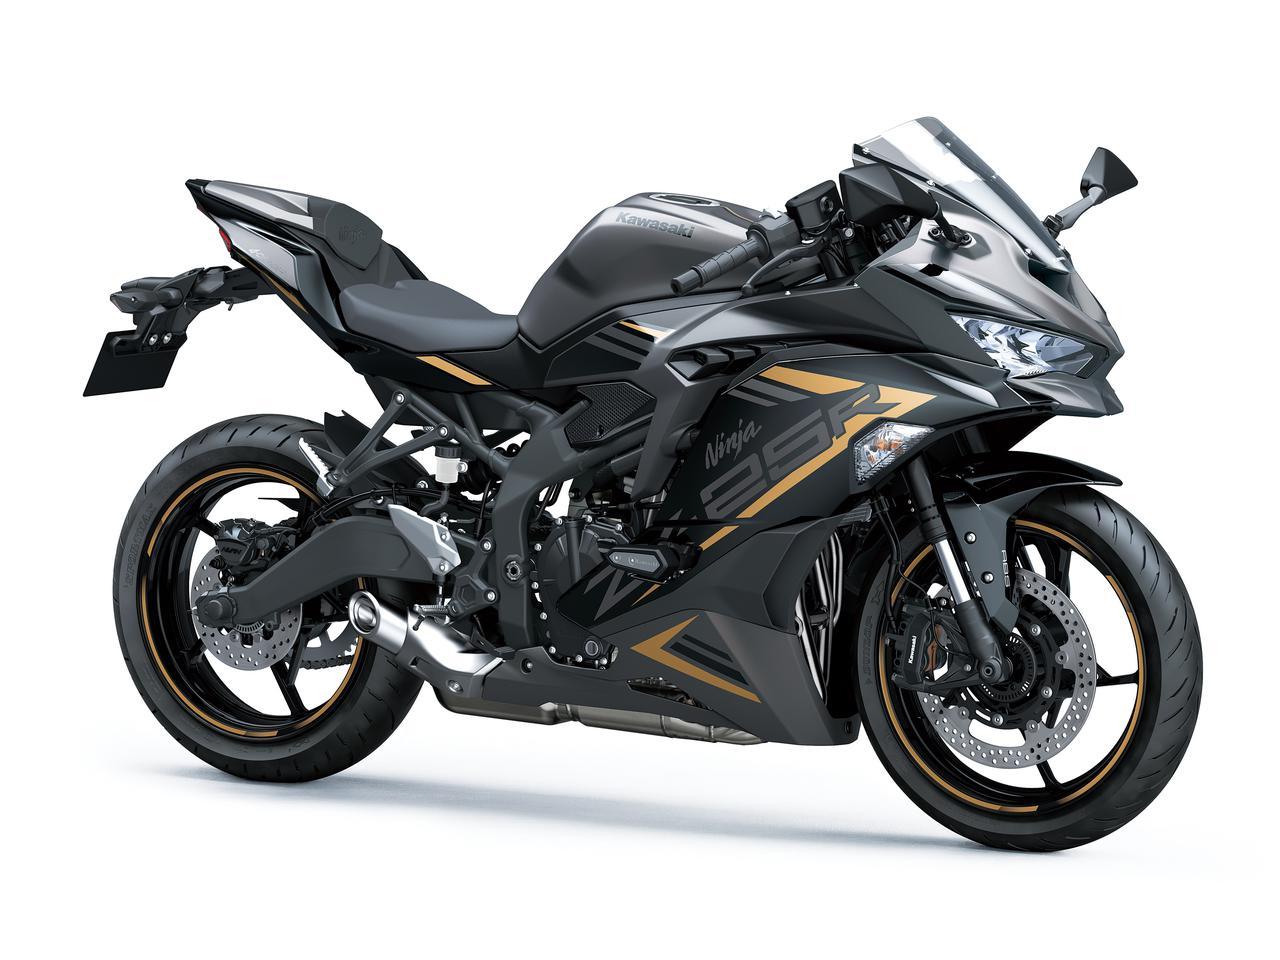 画像2: カワサキが「Ninja ZX-25R」の2022年モデルを発売! 250cc・4気筒スーパースポーツマシンの最新カラーをチェック